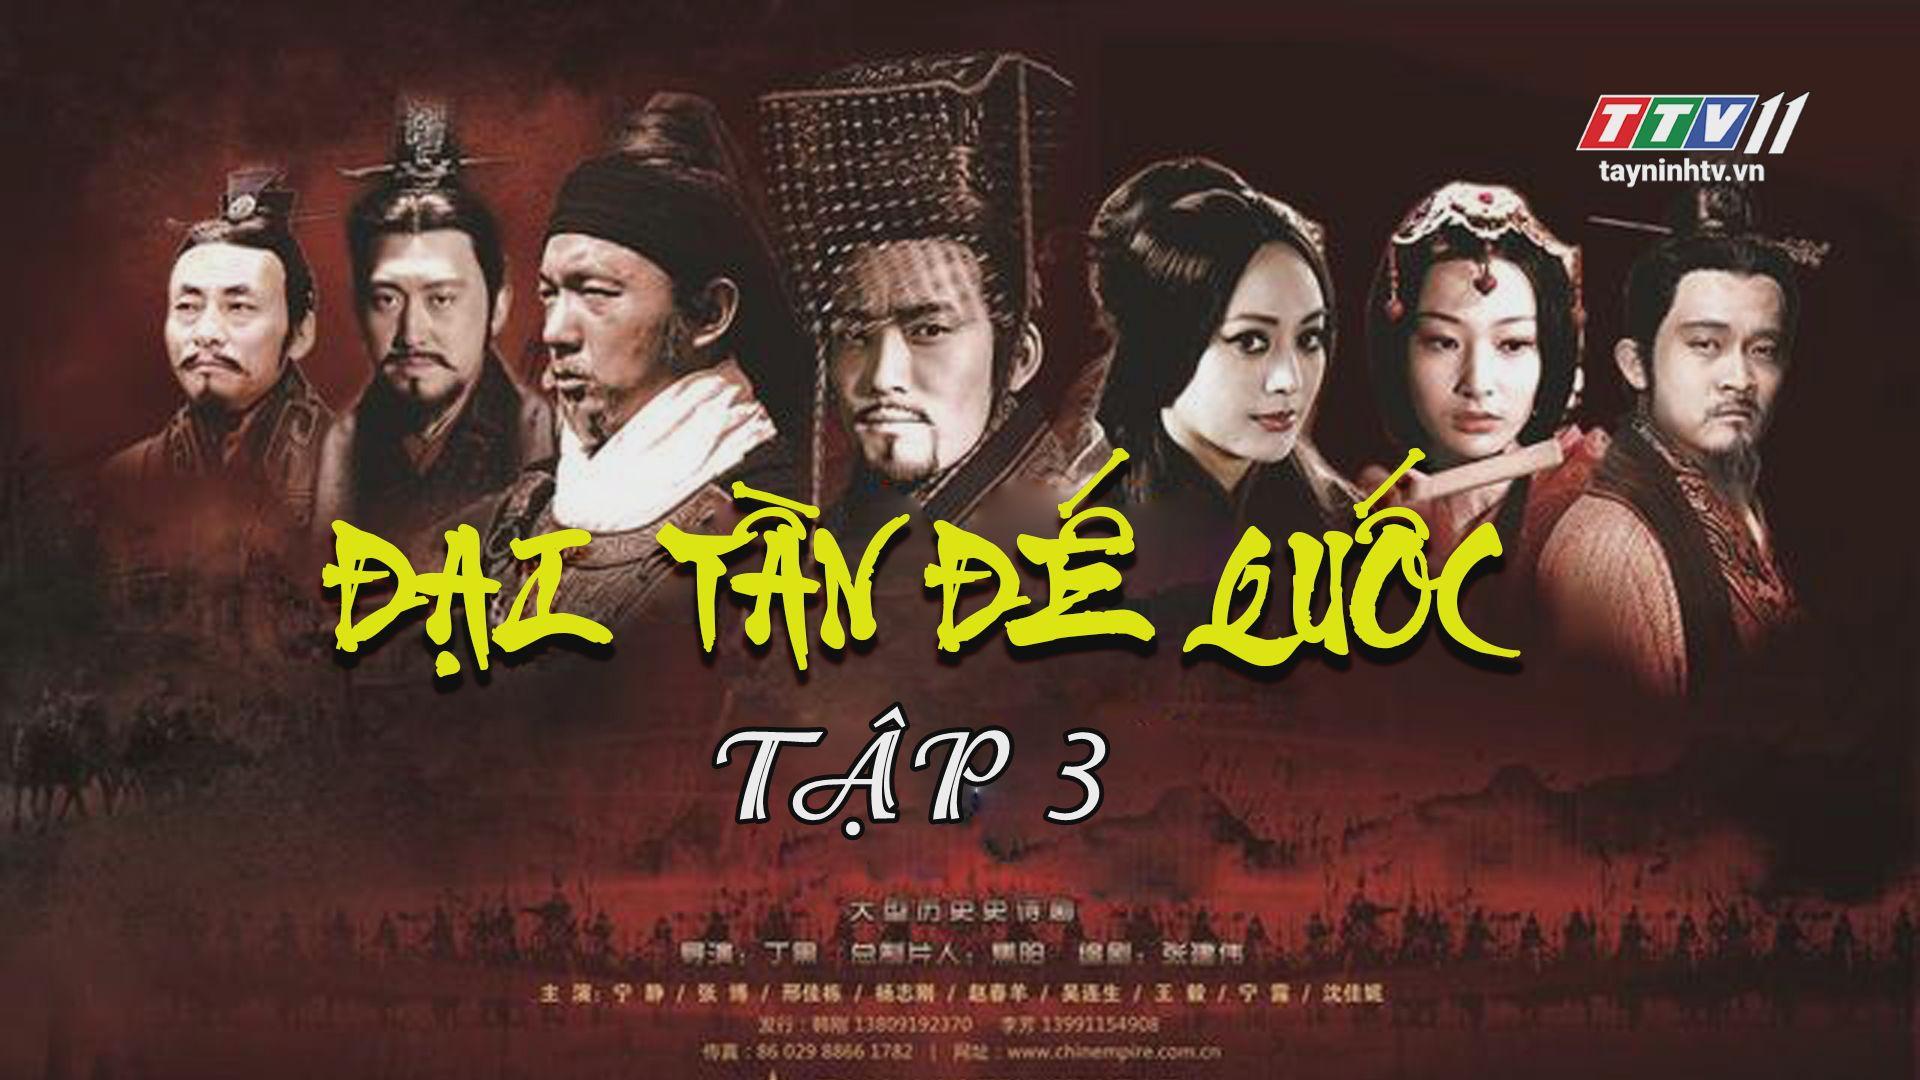 Tập 3 | ĐẠI TẦN ĐẾ QUỐC - Phần 3 | TayNinhTV